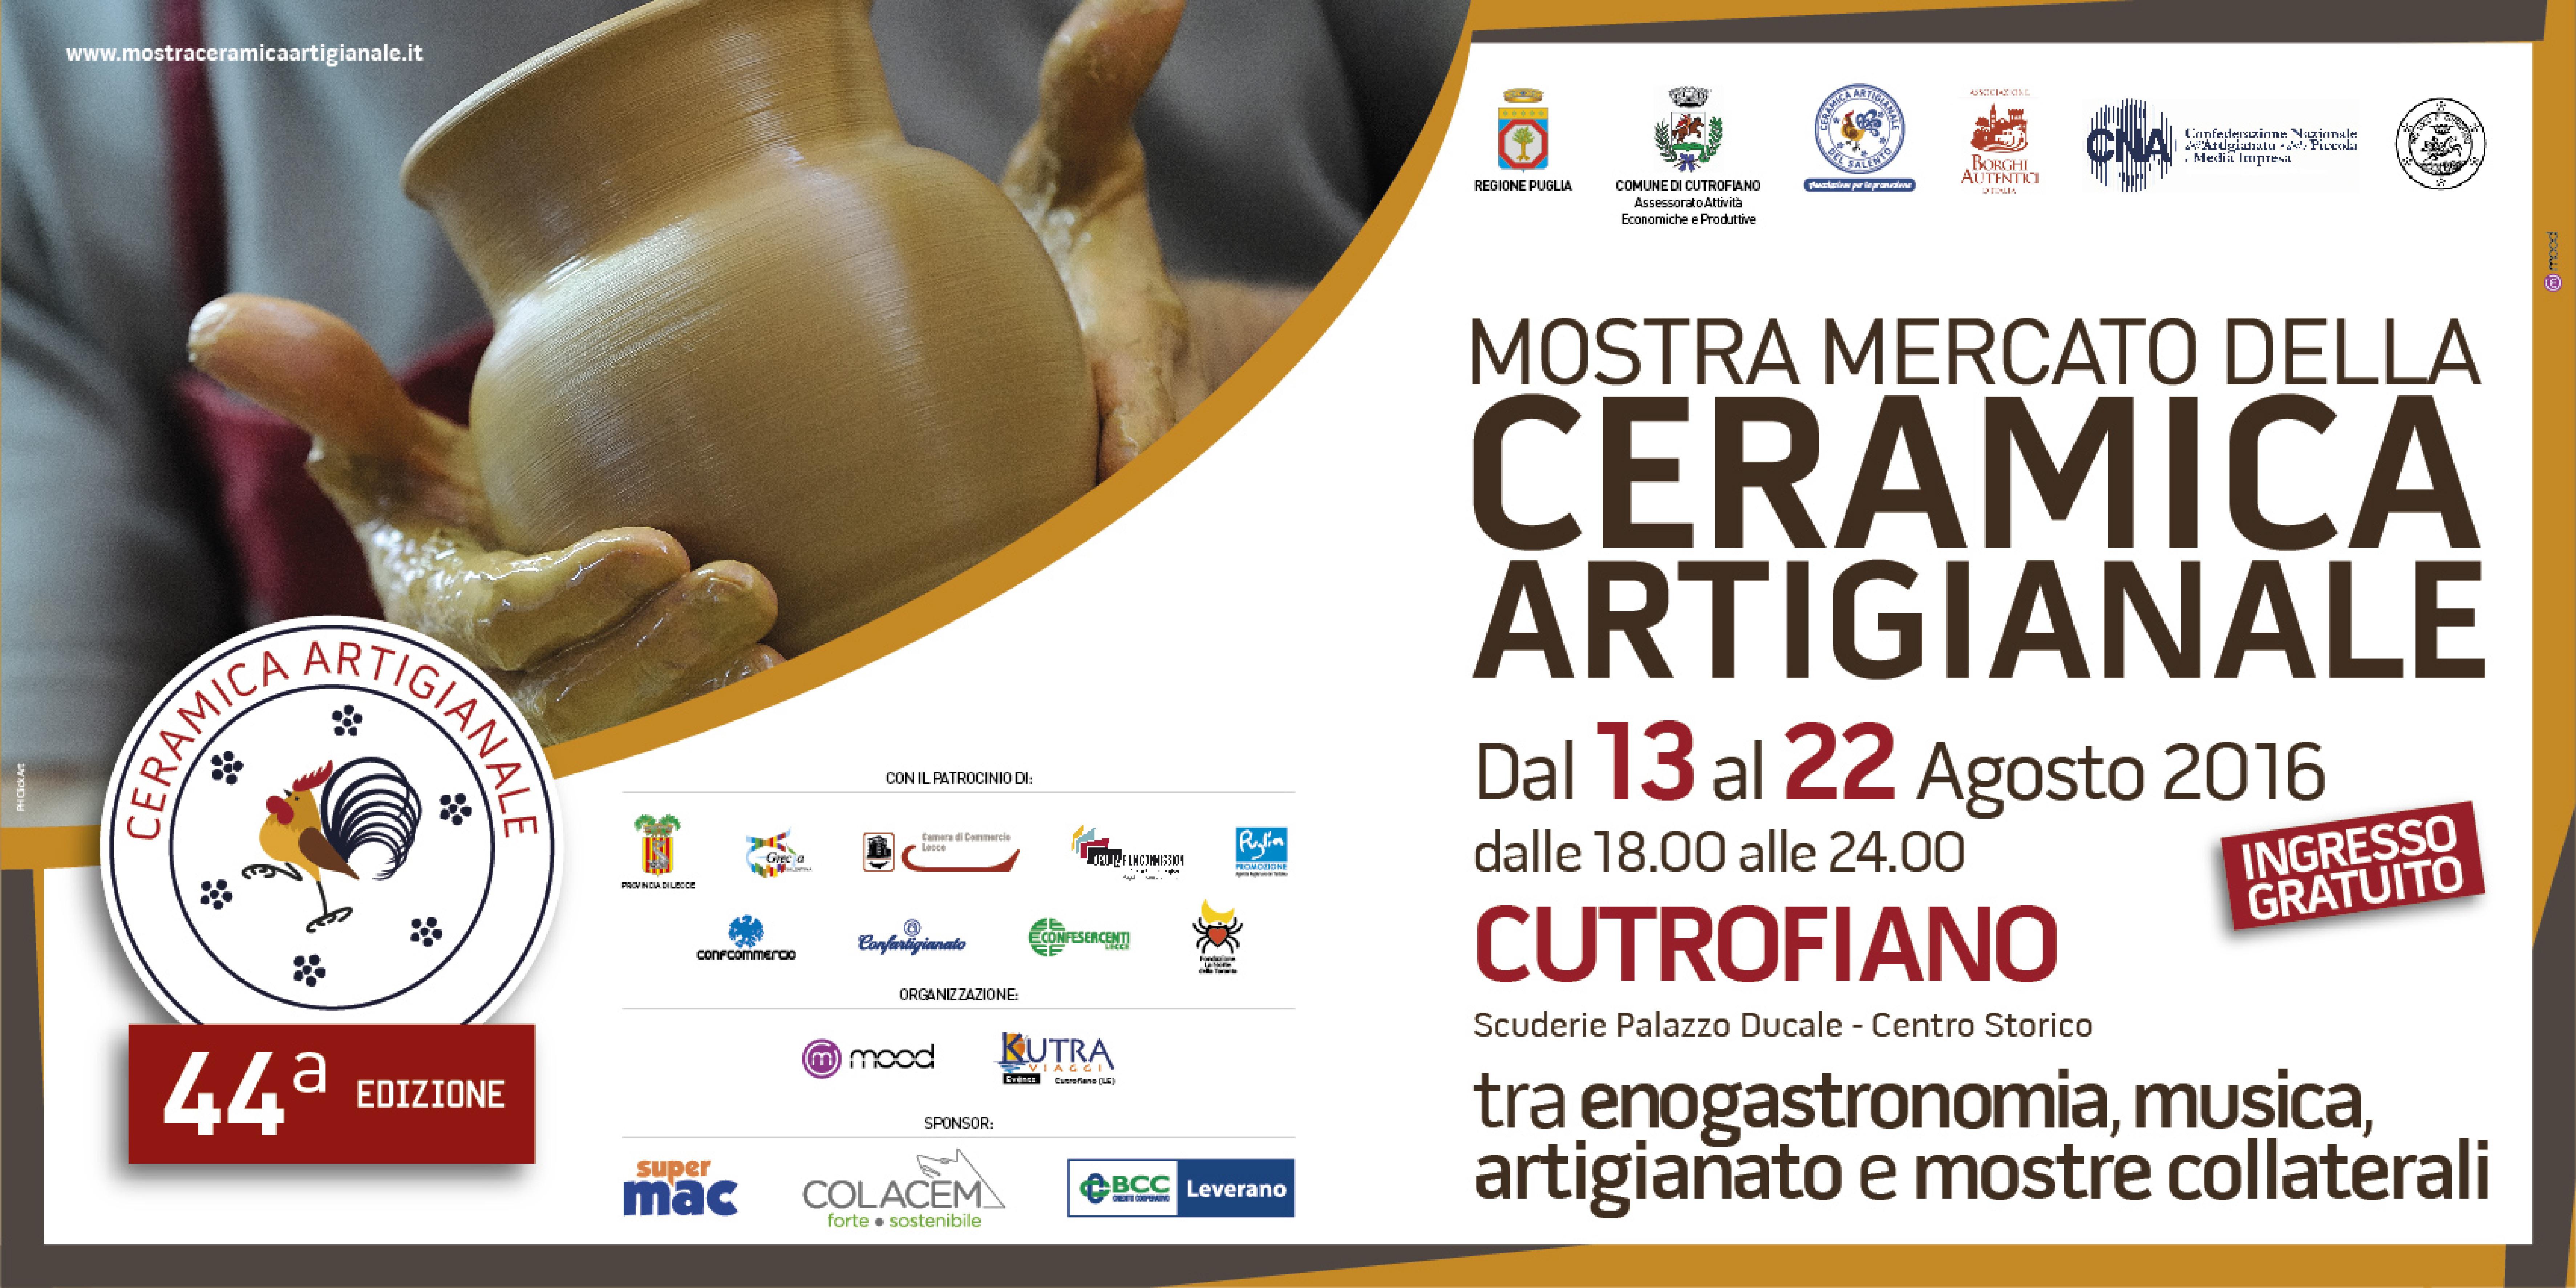 44° Edizione Mostra Mercato della Ceramica Artigianale di Cutrofiano